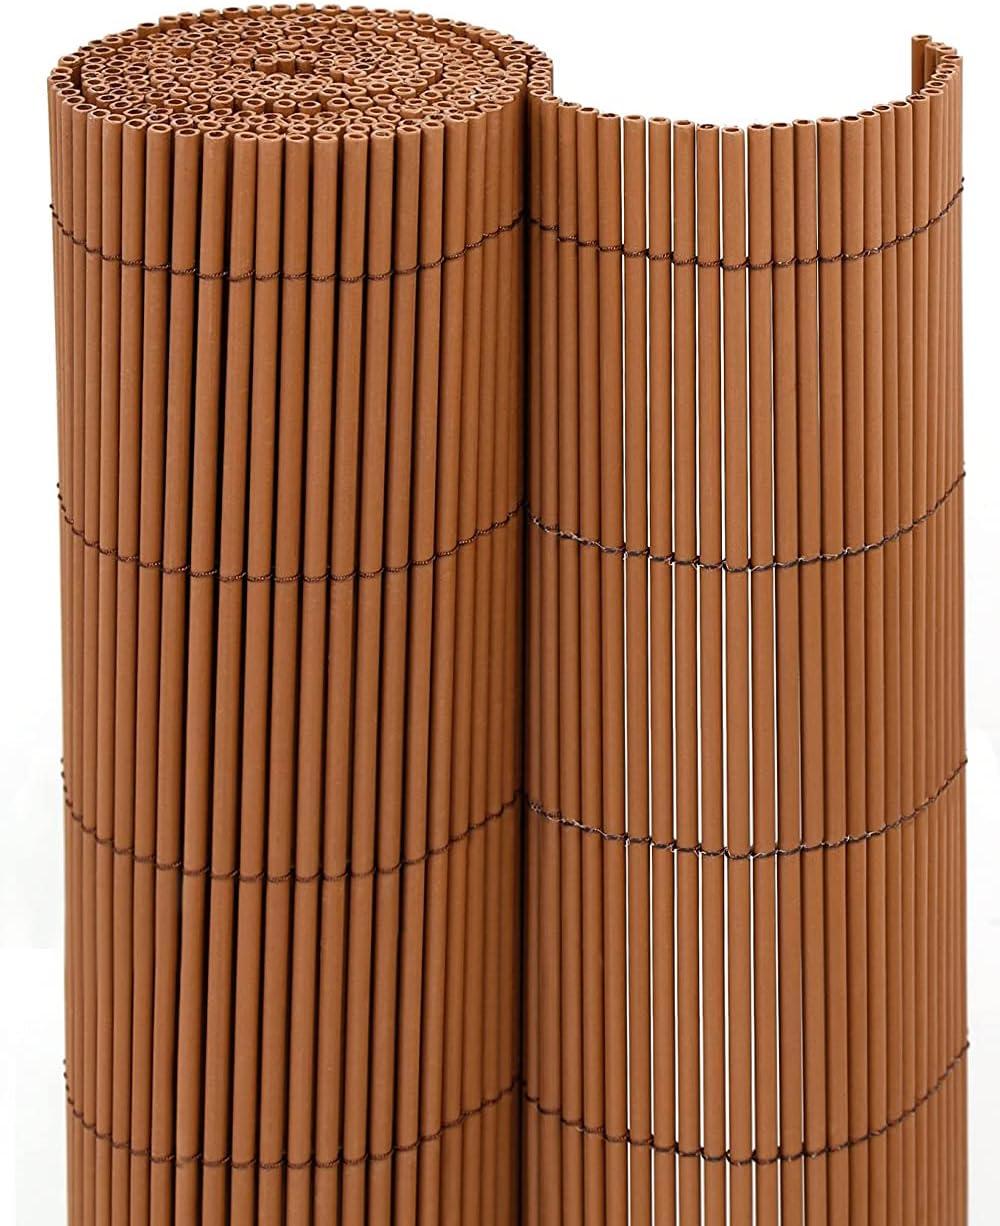 jarolift Estera para Jardín y Balcón Eco Wicker Resistente a la Intemperie, Revestimiento para Terrazas, Plástico, 90 x 300cm, Color Marrón (Óptica Sauce)